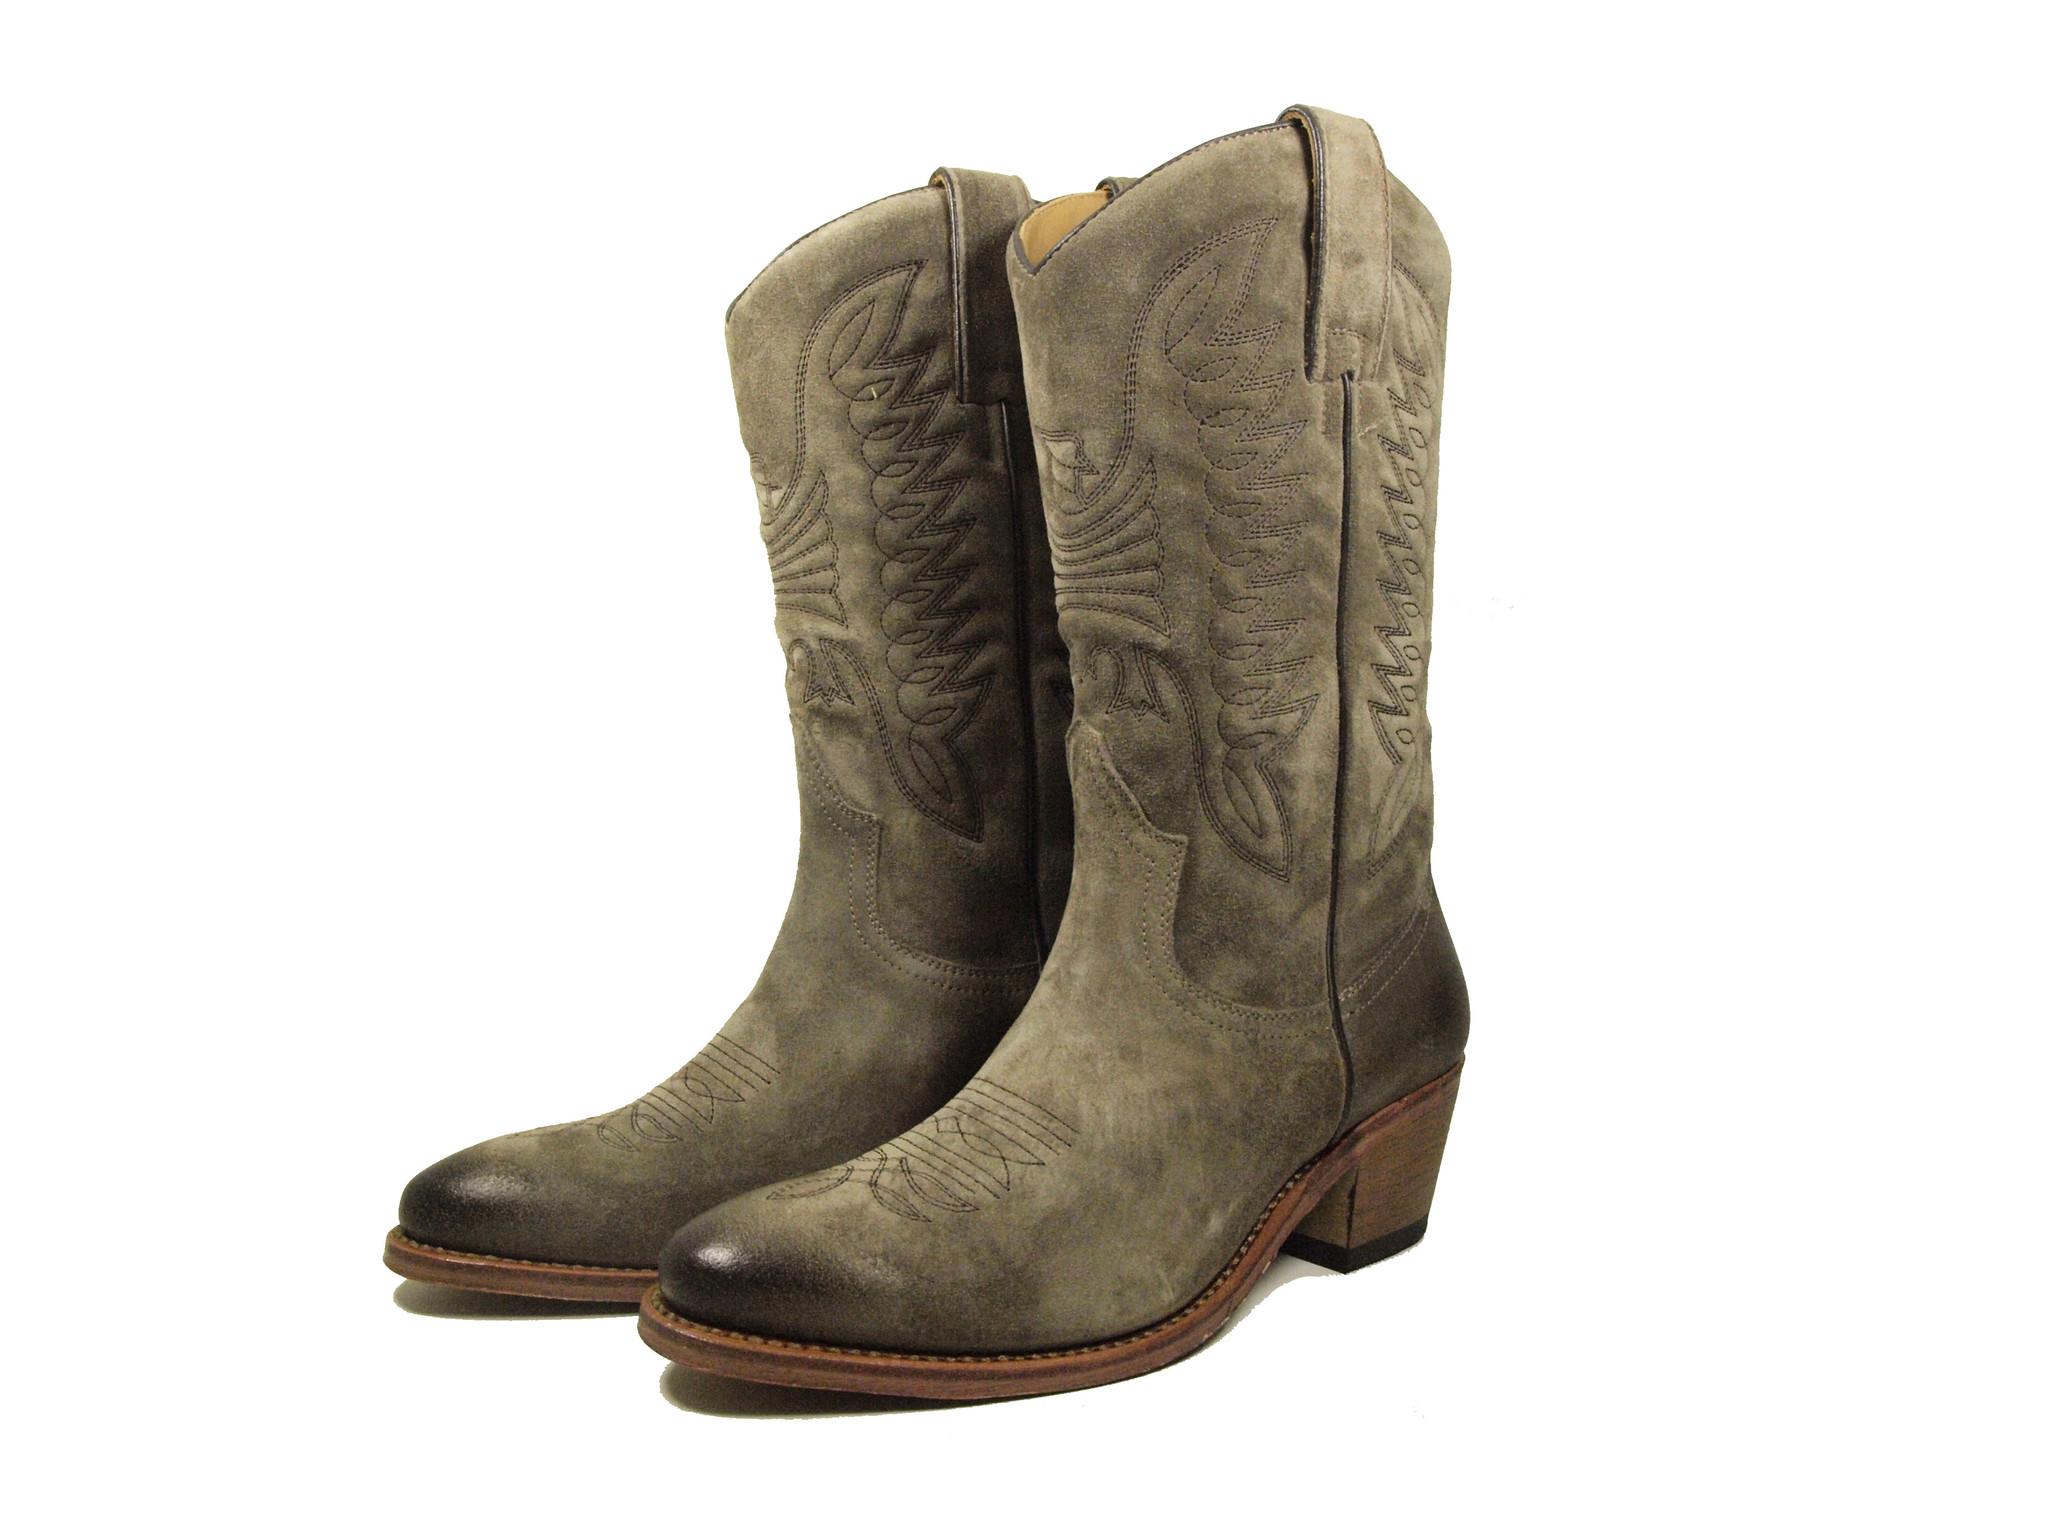 Perlita Peaches Perlita Peaches Western Boots Toliman Taupe/Grijs